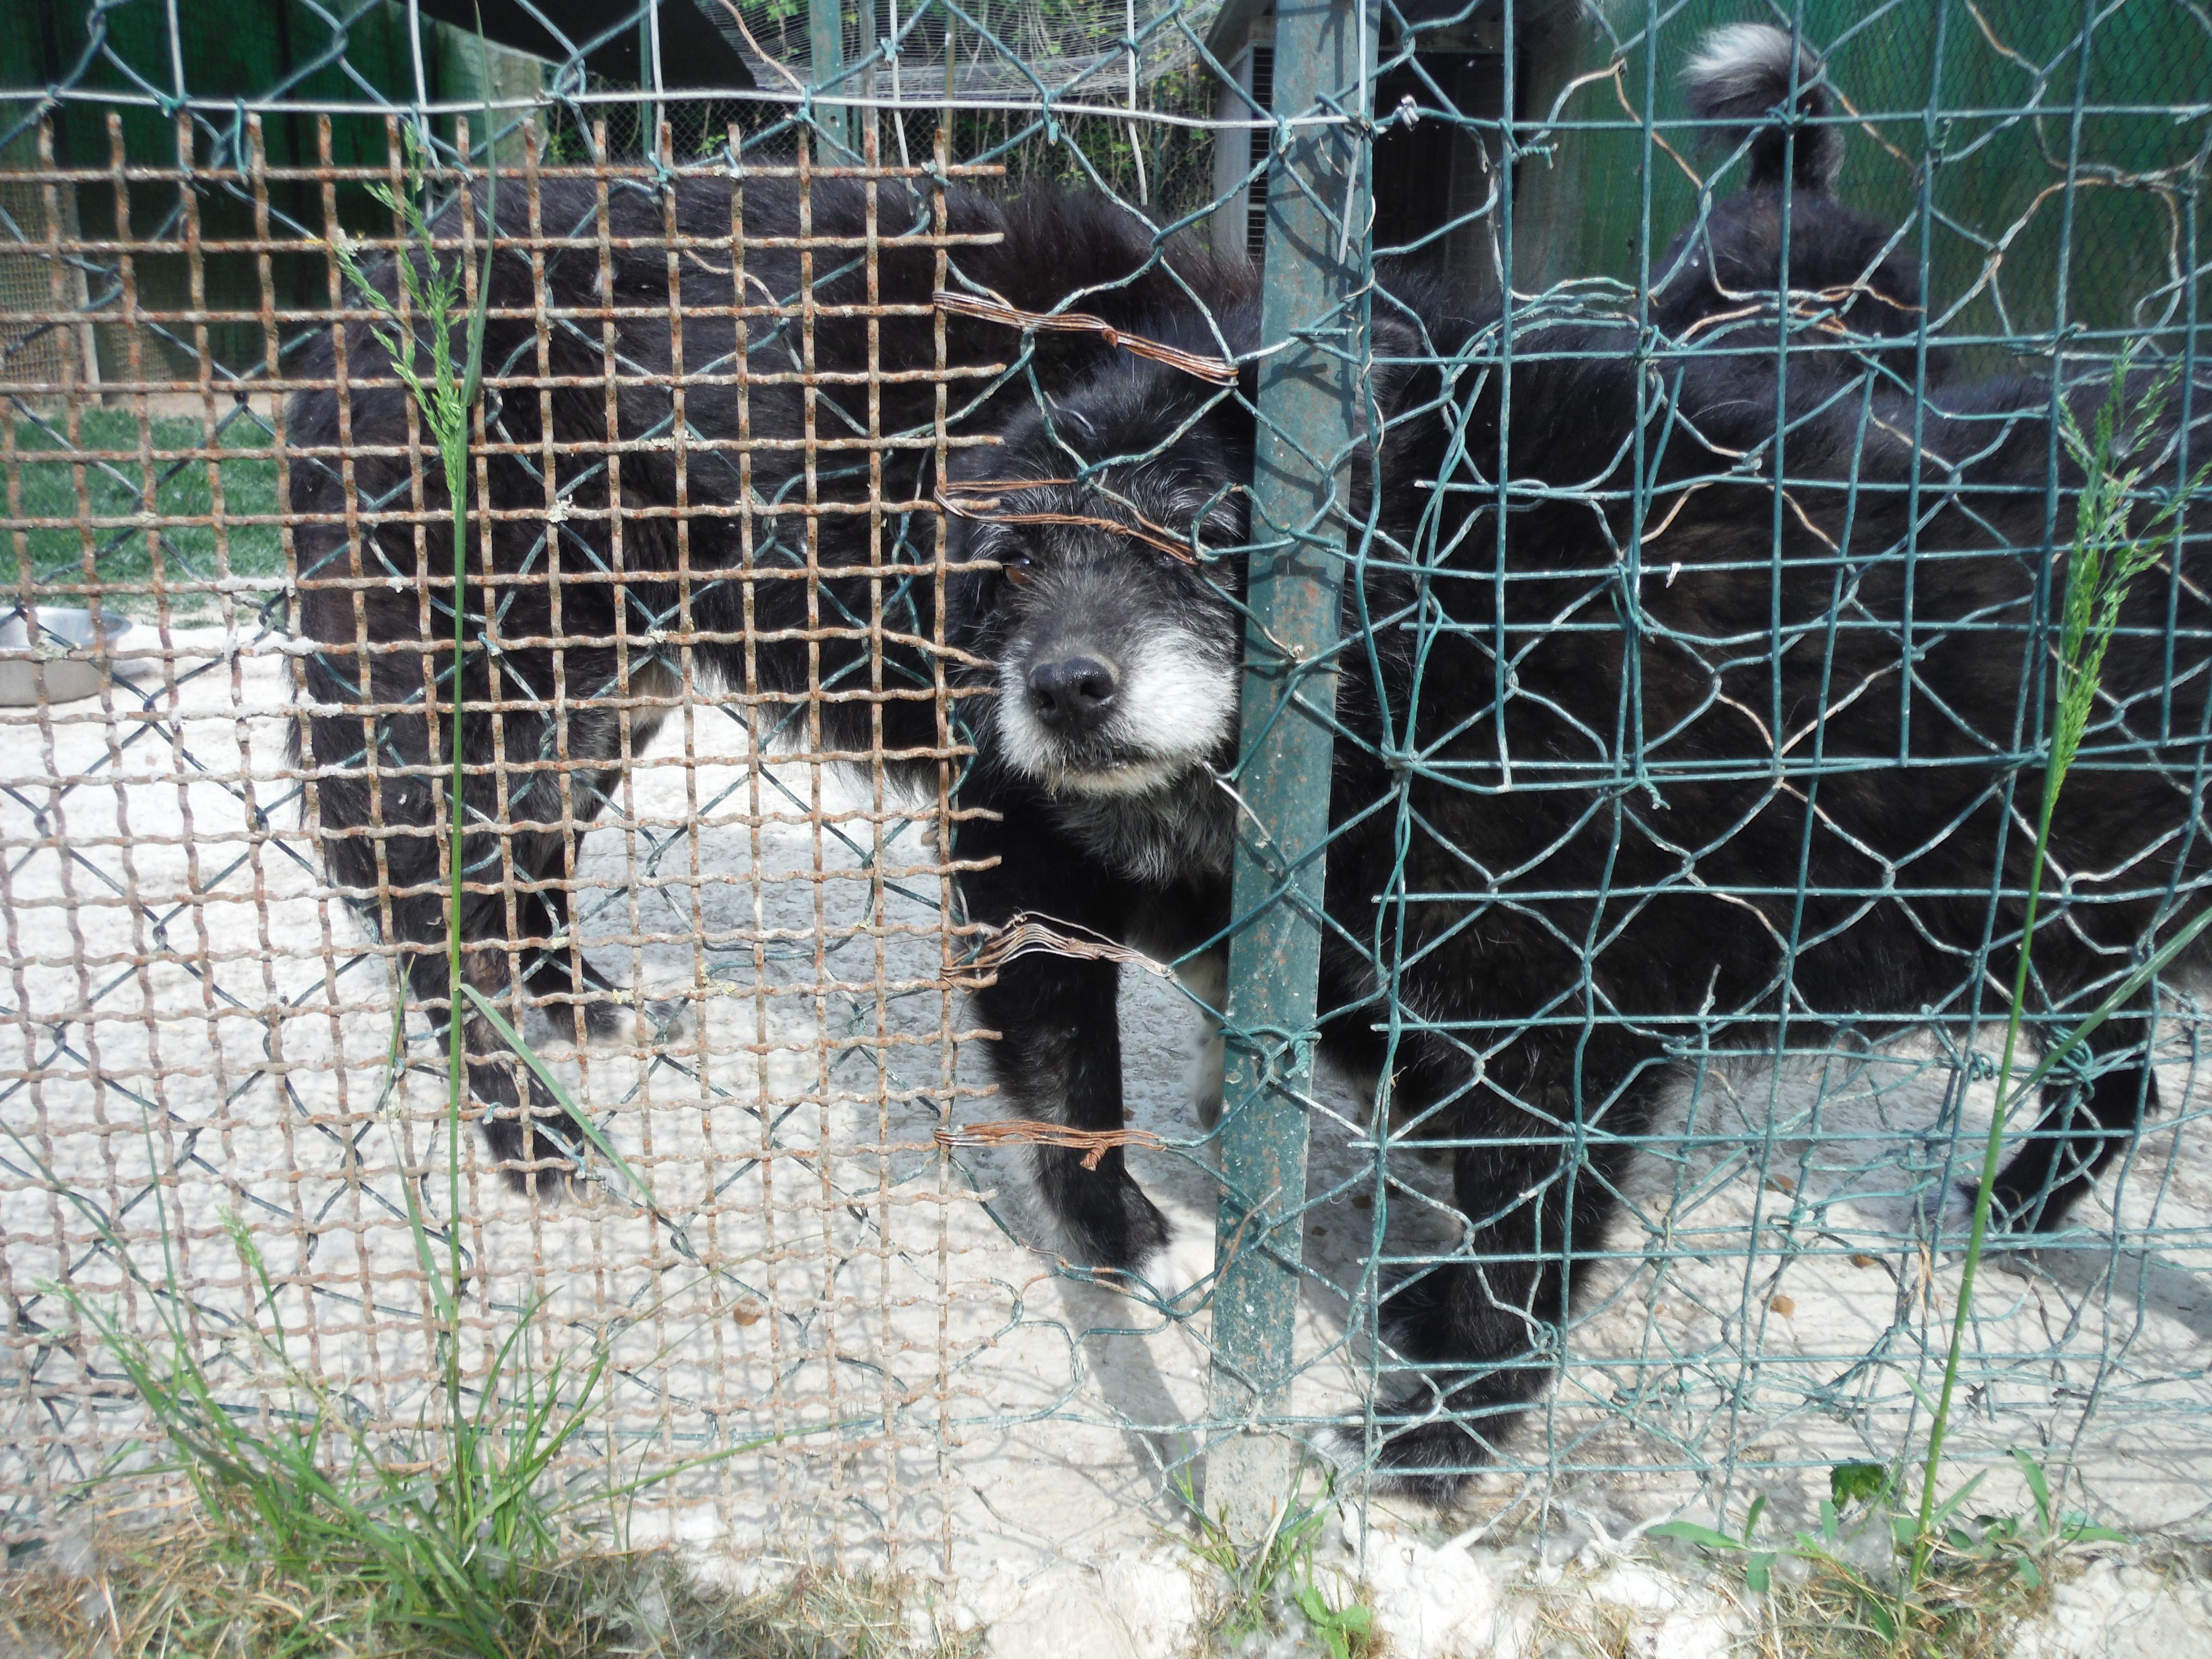 Hund am Zaun